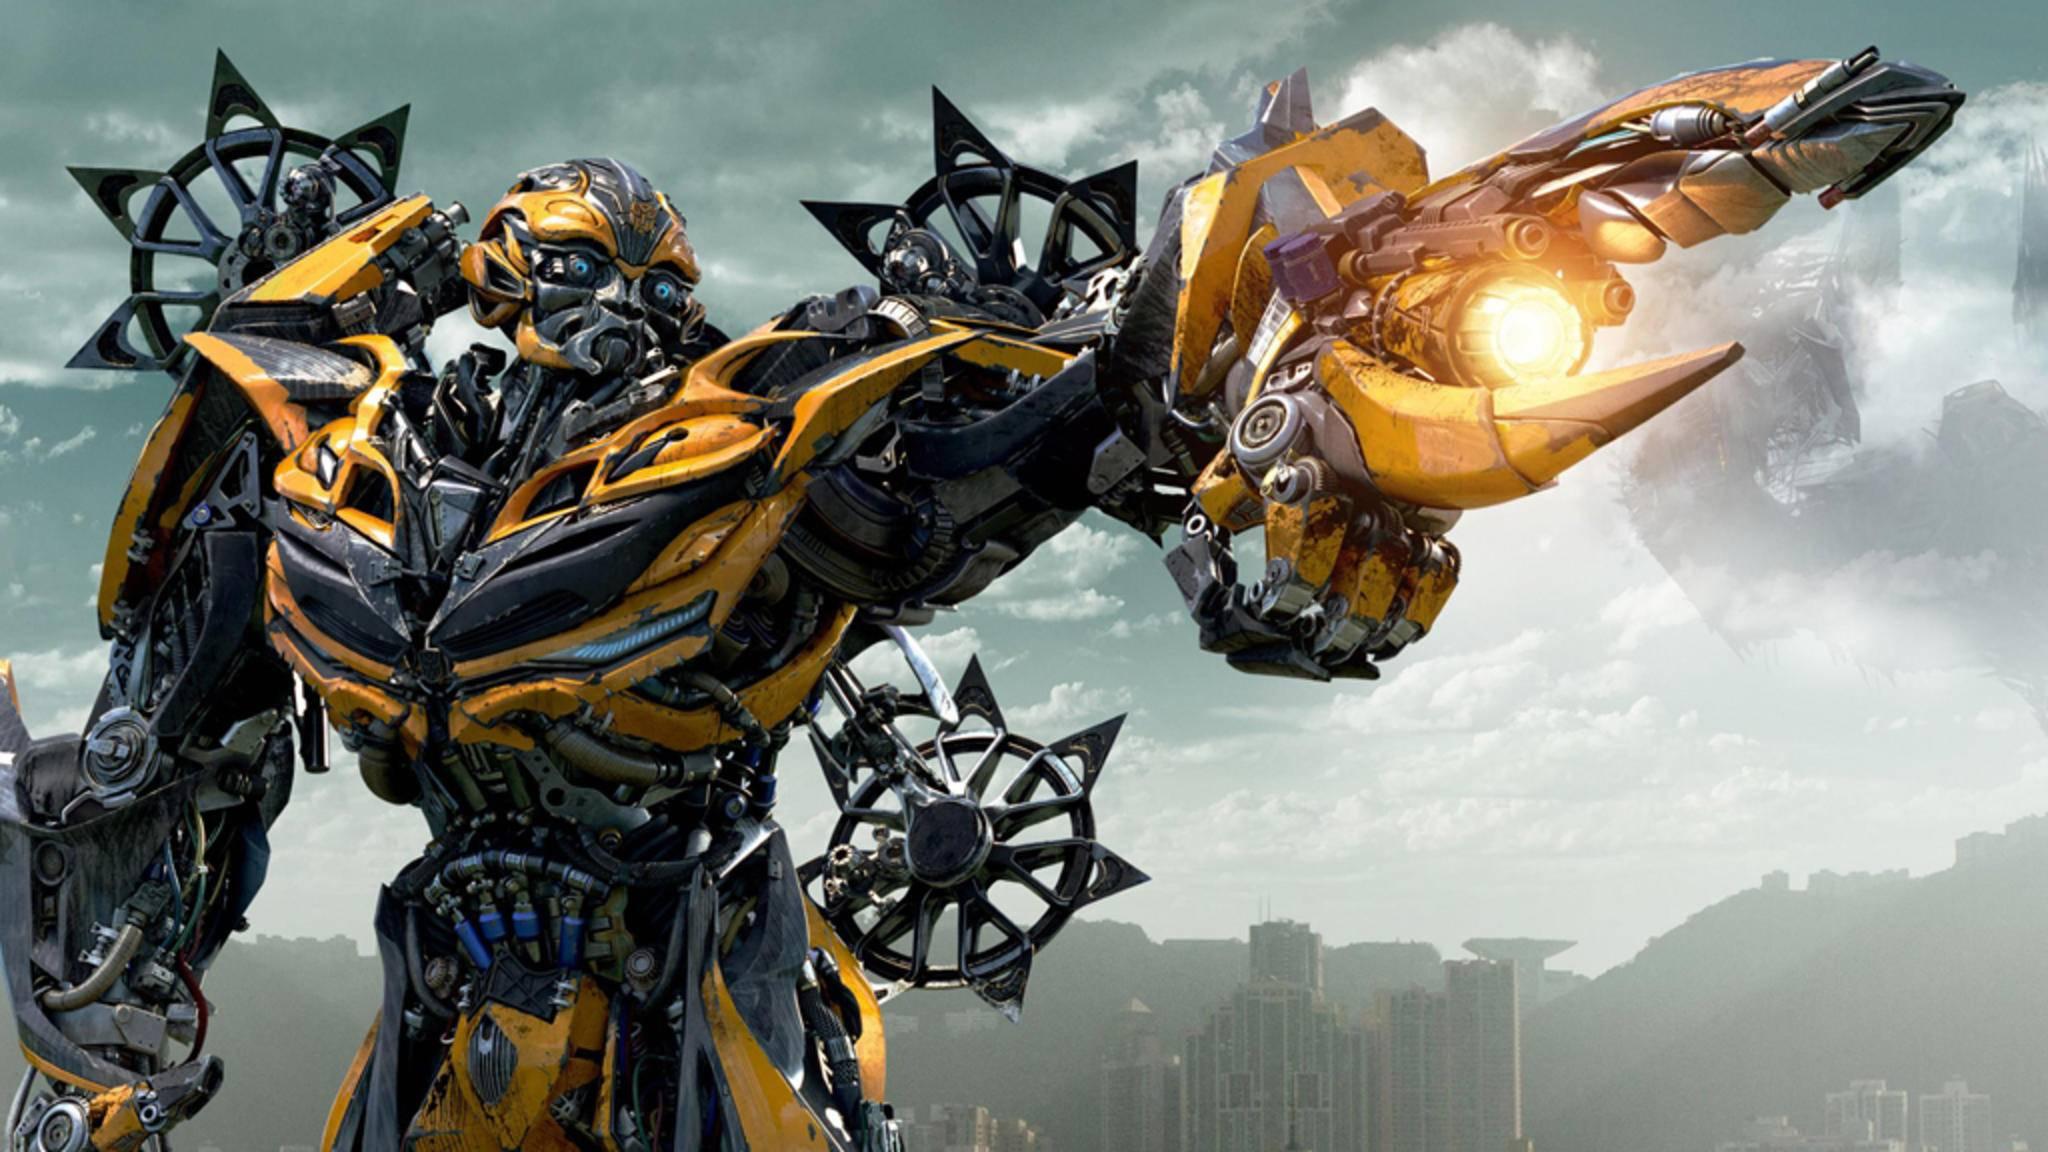 Bumblebee dürfte ziemlich sicher auch im neuen Film mitmischen ...